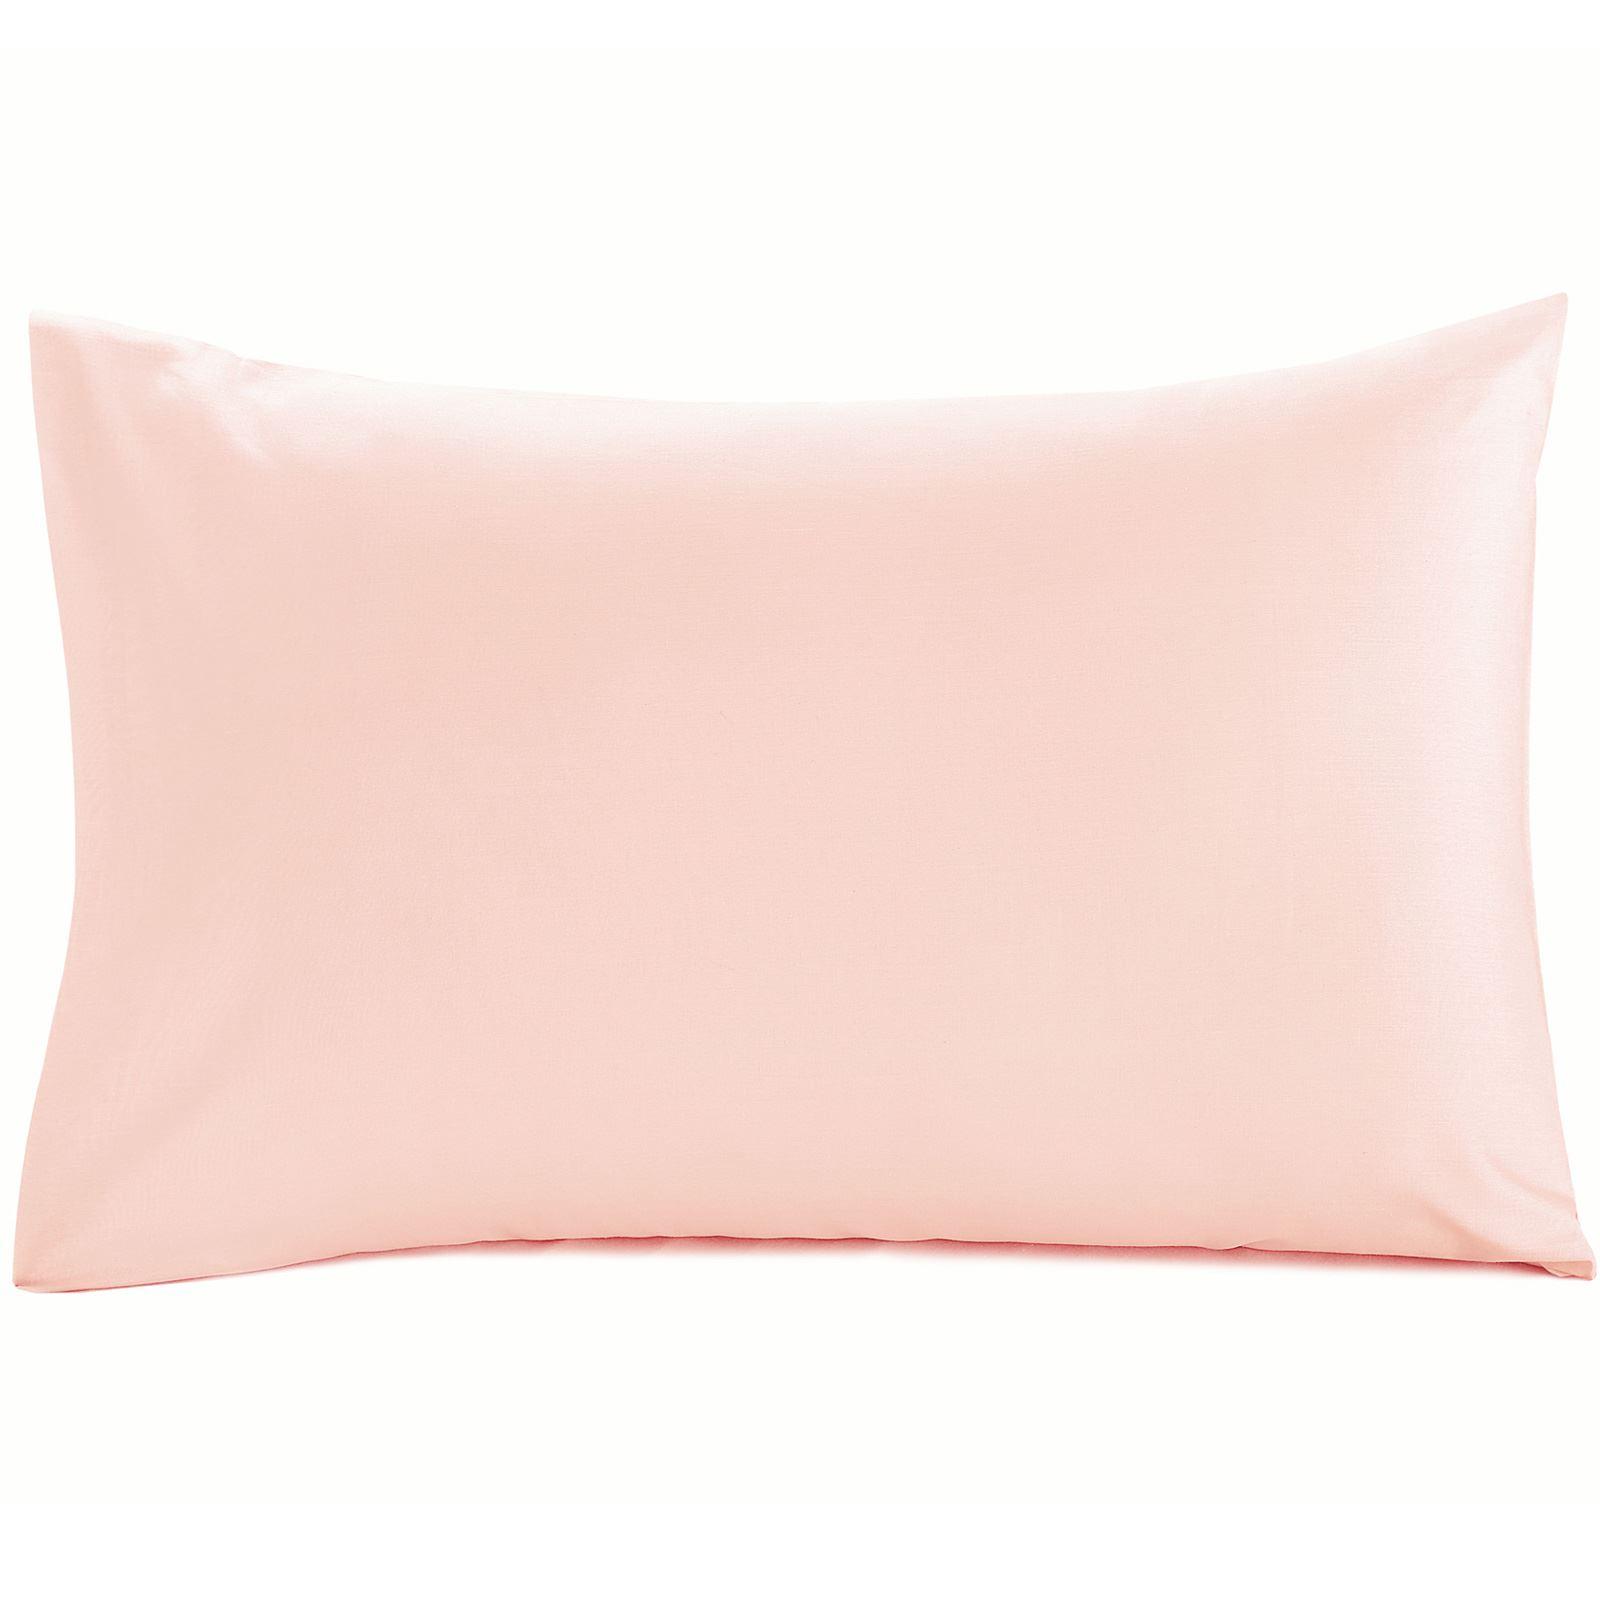 Luxury-100-Egyptian-Cotton-200-Thread-Percale-Plain-Pillowcases-Pillow-Case-Pair thumbnail 3